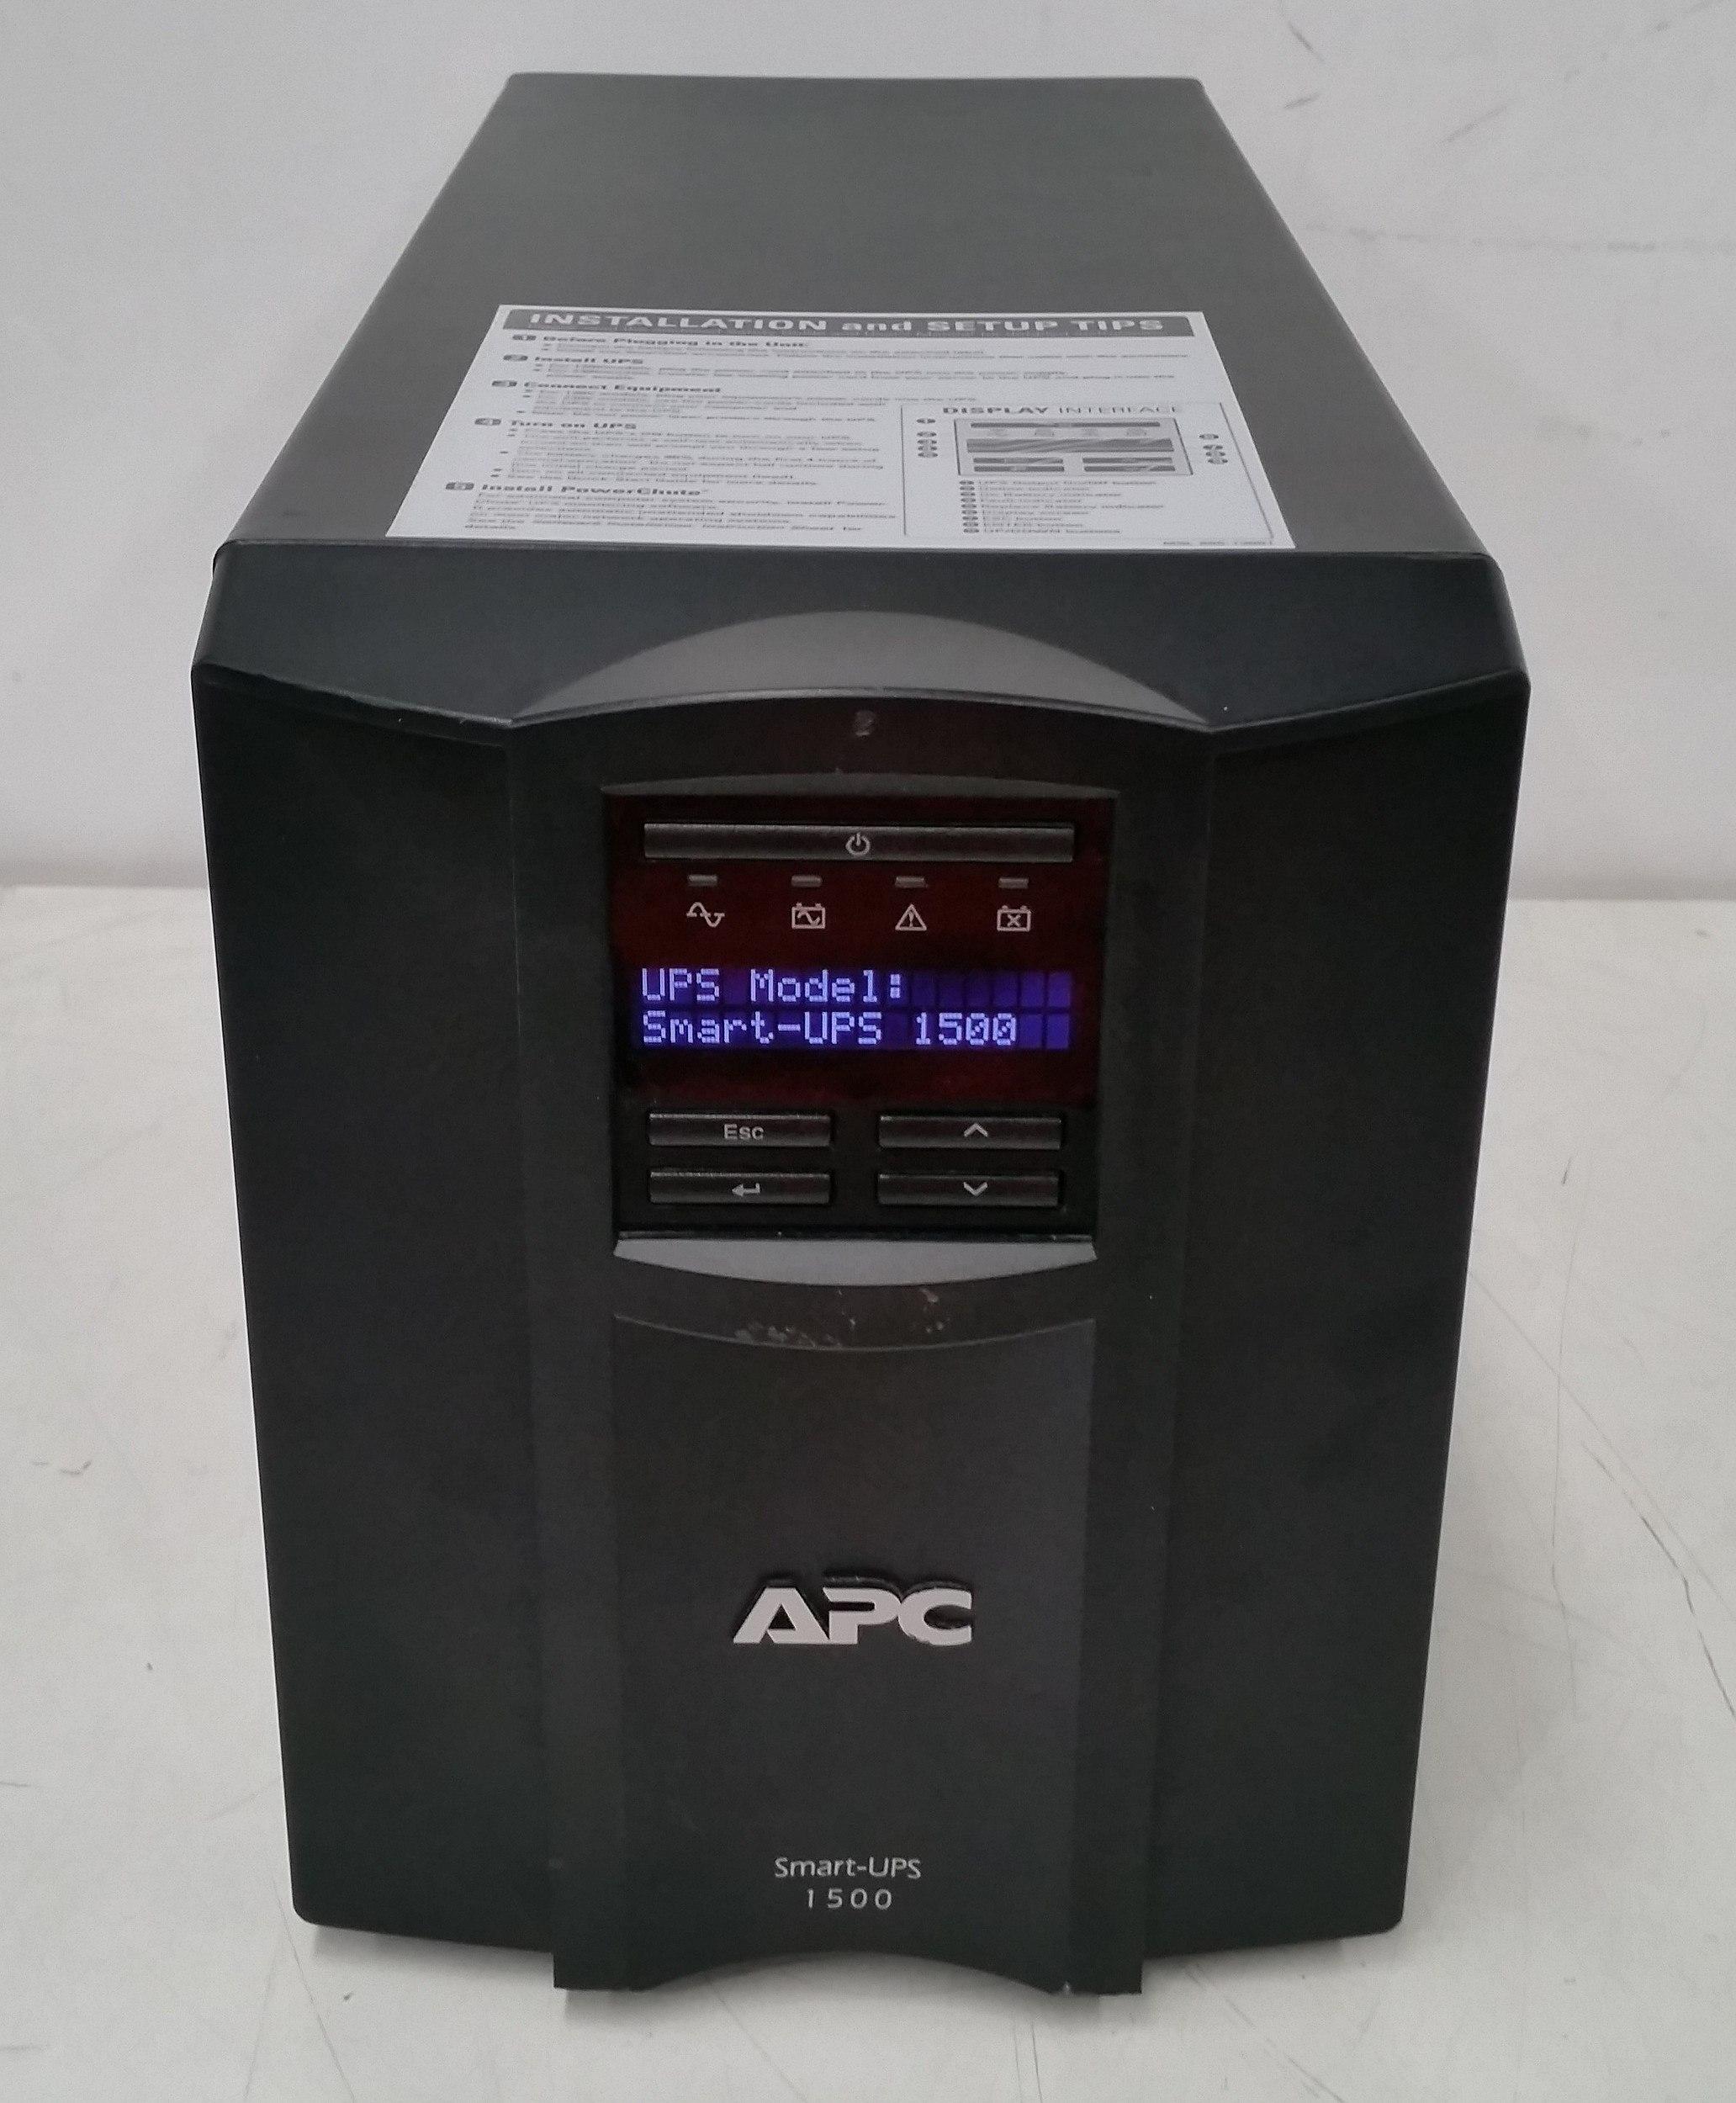 APC Smart-UPS 1500 980W Floorstanding UPS